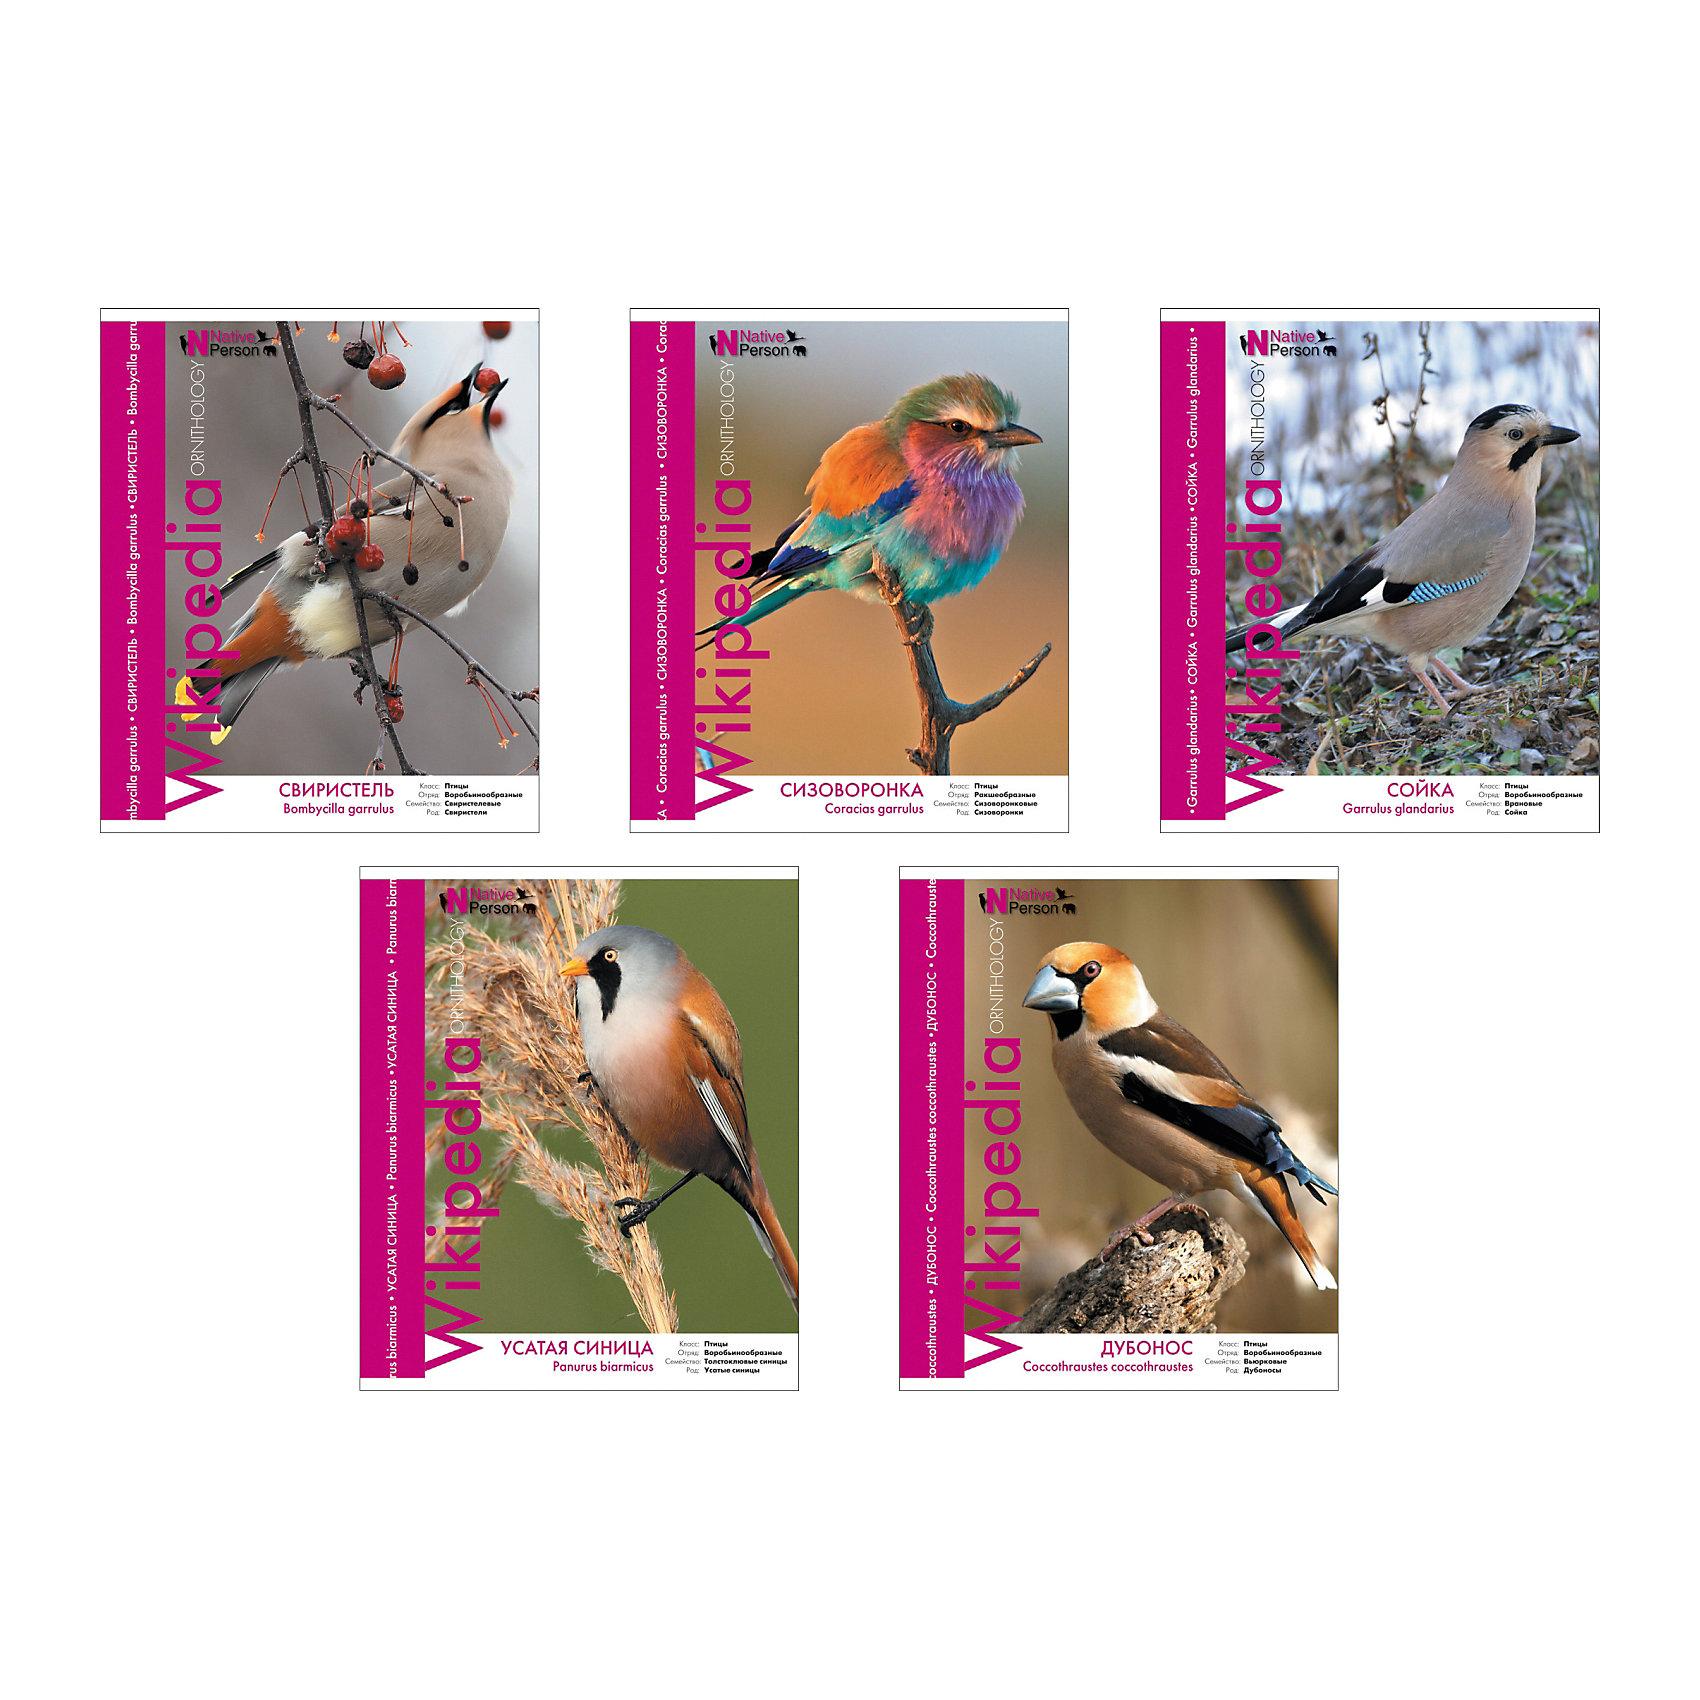 Тетрадь 48 л Птицы, УФ-лак, упаковка из 5 шт.Бумажная продукция<br>Тетрадь 48 листов Птицы, УФ-лак, 5 шт.<br><br>Характеристики:<br><br>• Количество: 5 шт.<br>• Формат: А5<br>• Внутренний блок: 48 листов, клетка, офсет 60 г/м2<br>• Тип крепления: скрепка<br>• Обложка: мелованный картон, УФ-лак<br><br>Комплект тетрадей в клетку Птицы выполнен в формате А5. Всего в данной серии 5 видов птиц: свиристель, сизоворонка, сойка, усатая синица, дубонос. На лицевой стороне обложки имеется справочная информация о каждом из видов изображённых птиц. Обложка выполнена из мелованного картона, выборочно покрыта УФ-лаком, что позволит сохранять тетрадь в аккуратном виде в течение всего периода использования. Отличная полиграфия и качественная бумага обеспечат высокое качество письма.<br><br>Тетрадь 48 листов Птицы, УФ-лак, 5 шт. можно купить в нашем интернет-магазине.<br><br>Ширина мм: 170<br>Глубина мм: 50<br>Высота мм: 205<br>Вес г: 521<br>Возраст от месяцев: 60<br>Возраст до месяцев: 204<br>Пол: Унисекс<br>Возраст: Детский<br>SKU: 5540109